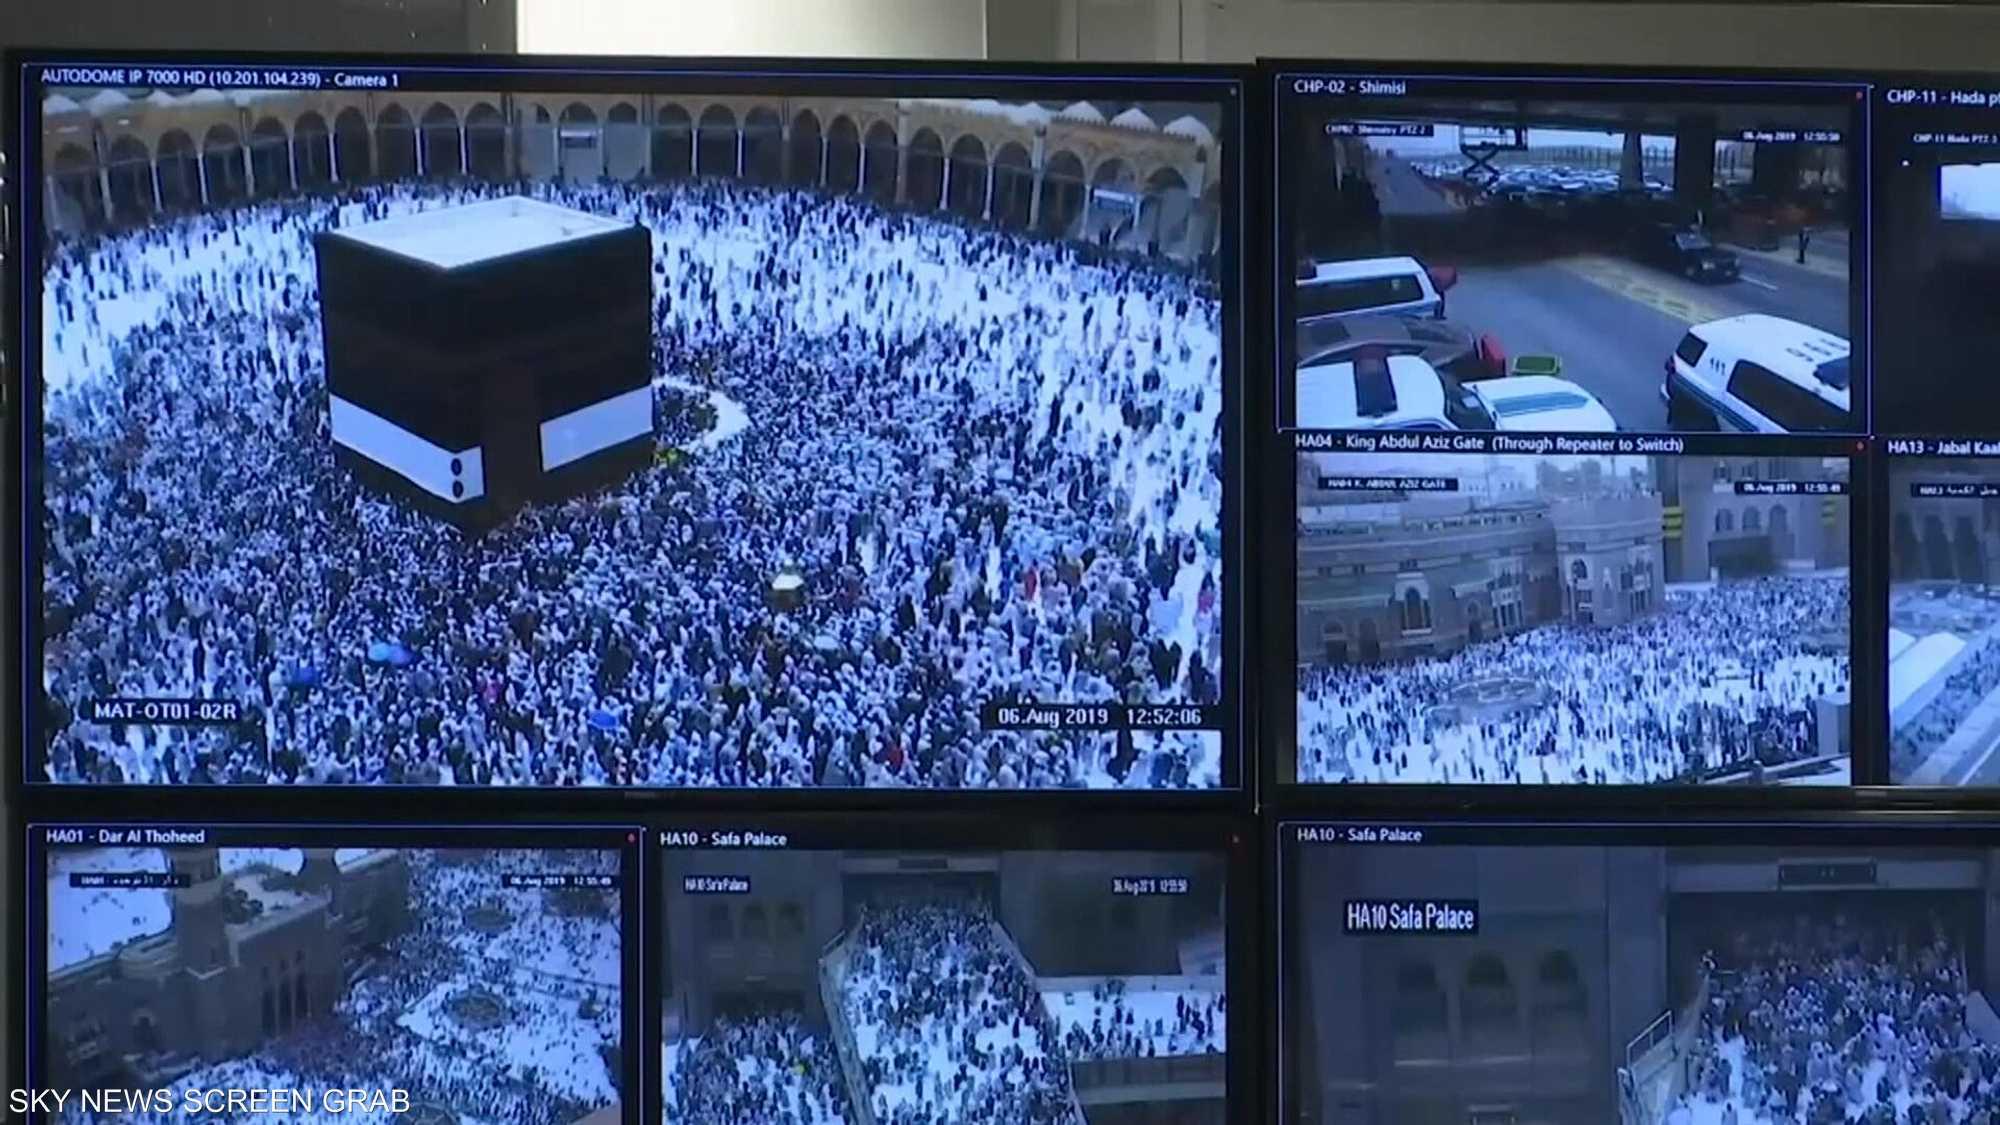 وصول مليون و800 ألف حاج من الخارج إلى مكة المكرمة